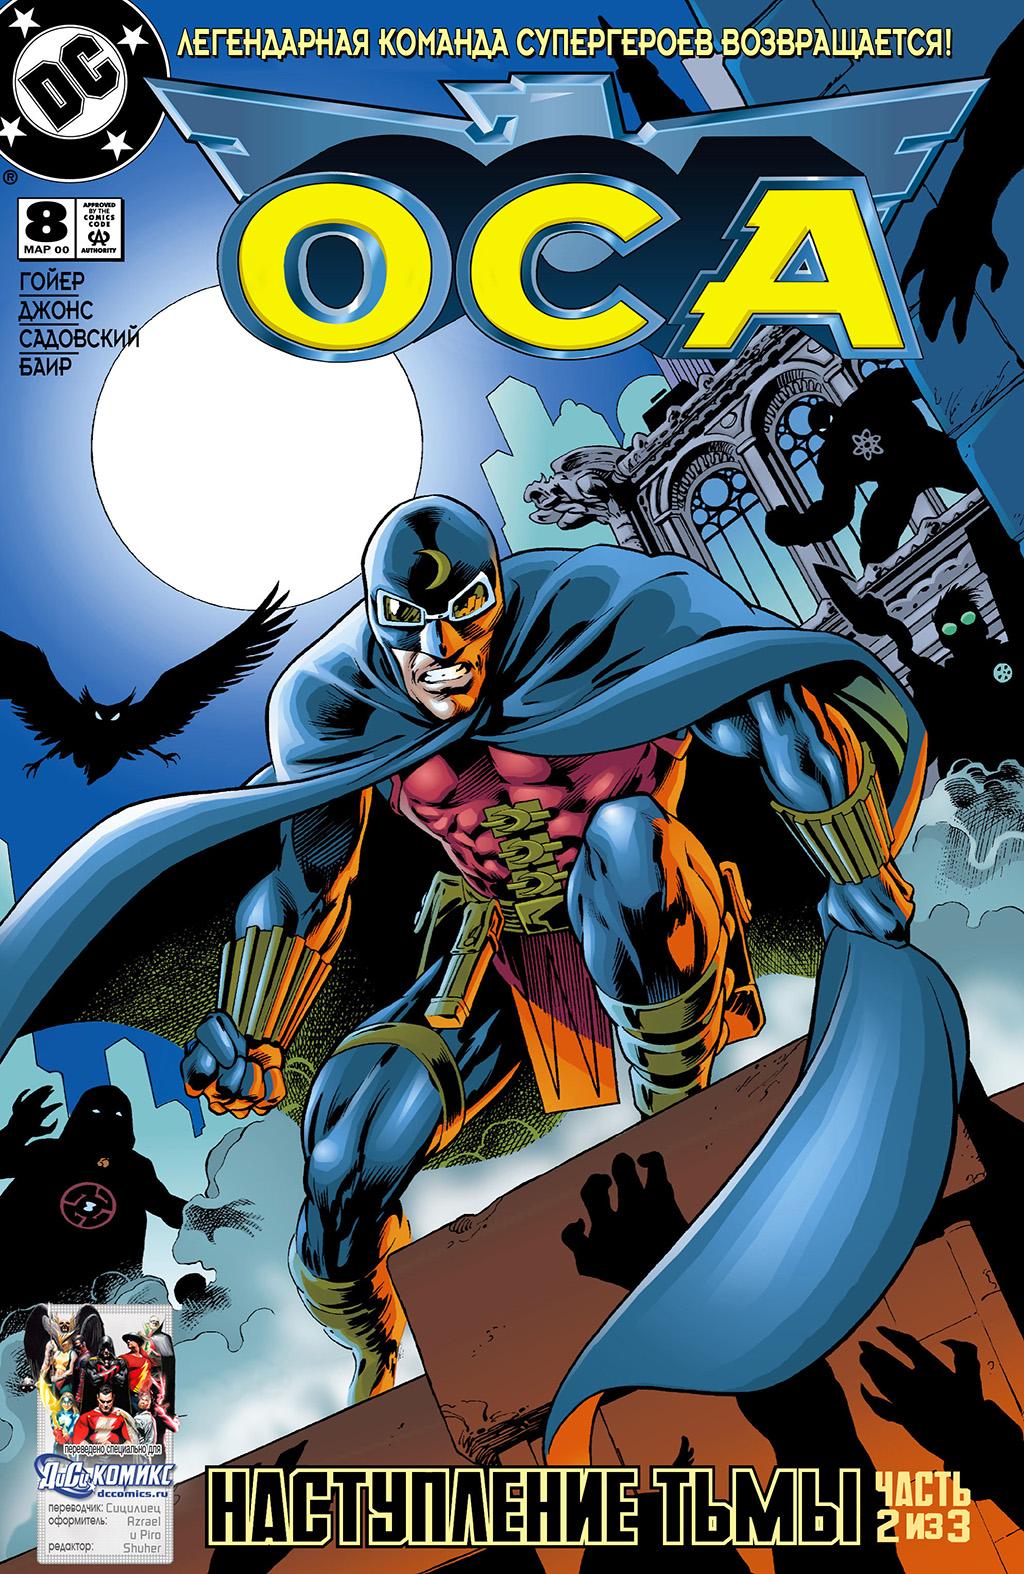 Комикс ОСА (Общество Справедливости Америки)